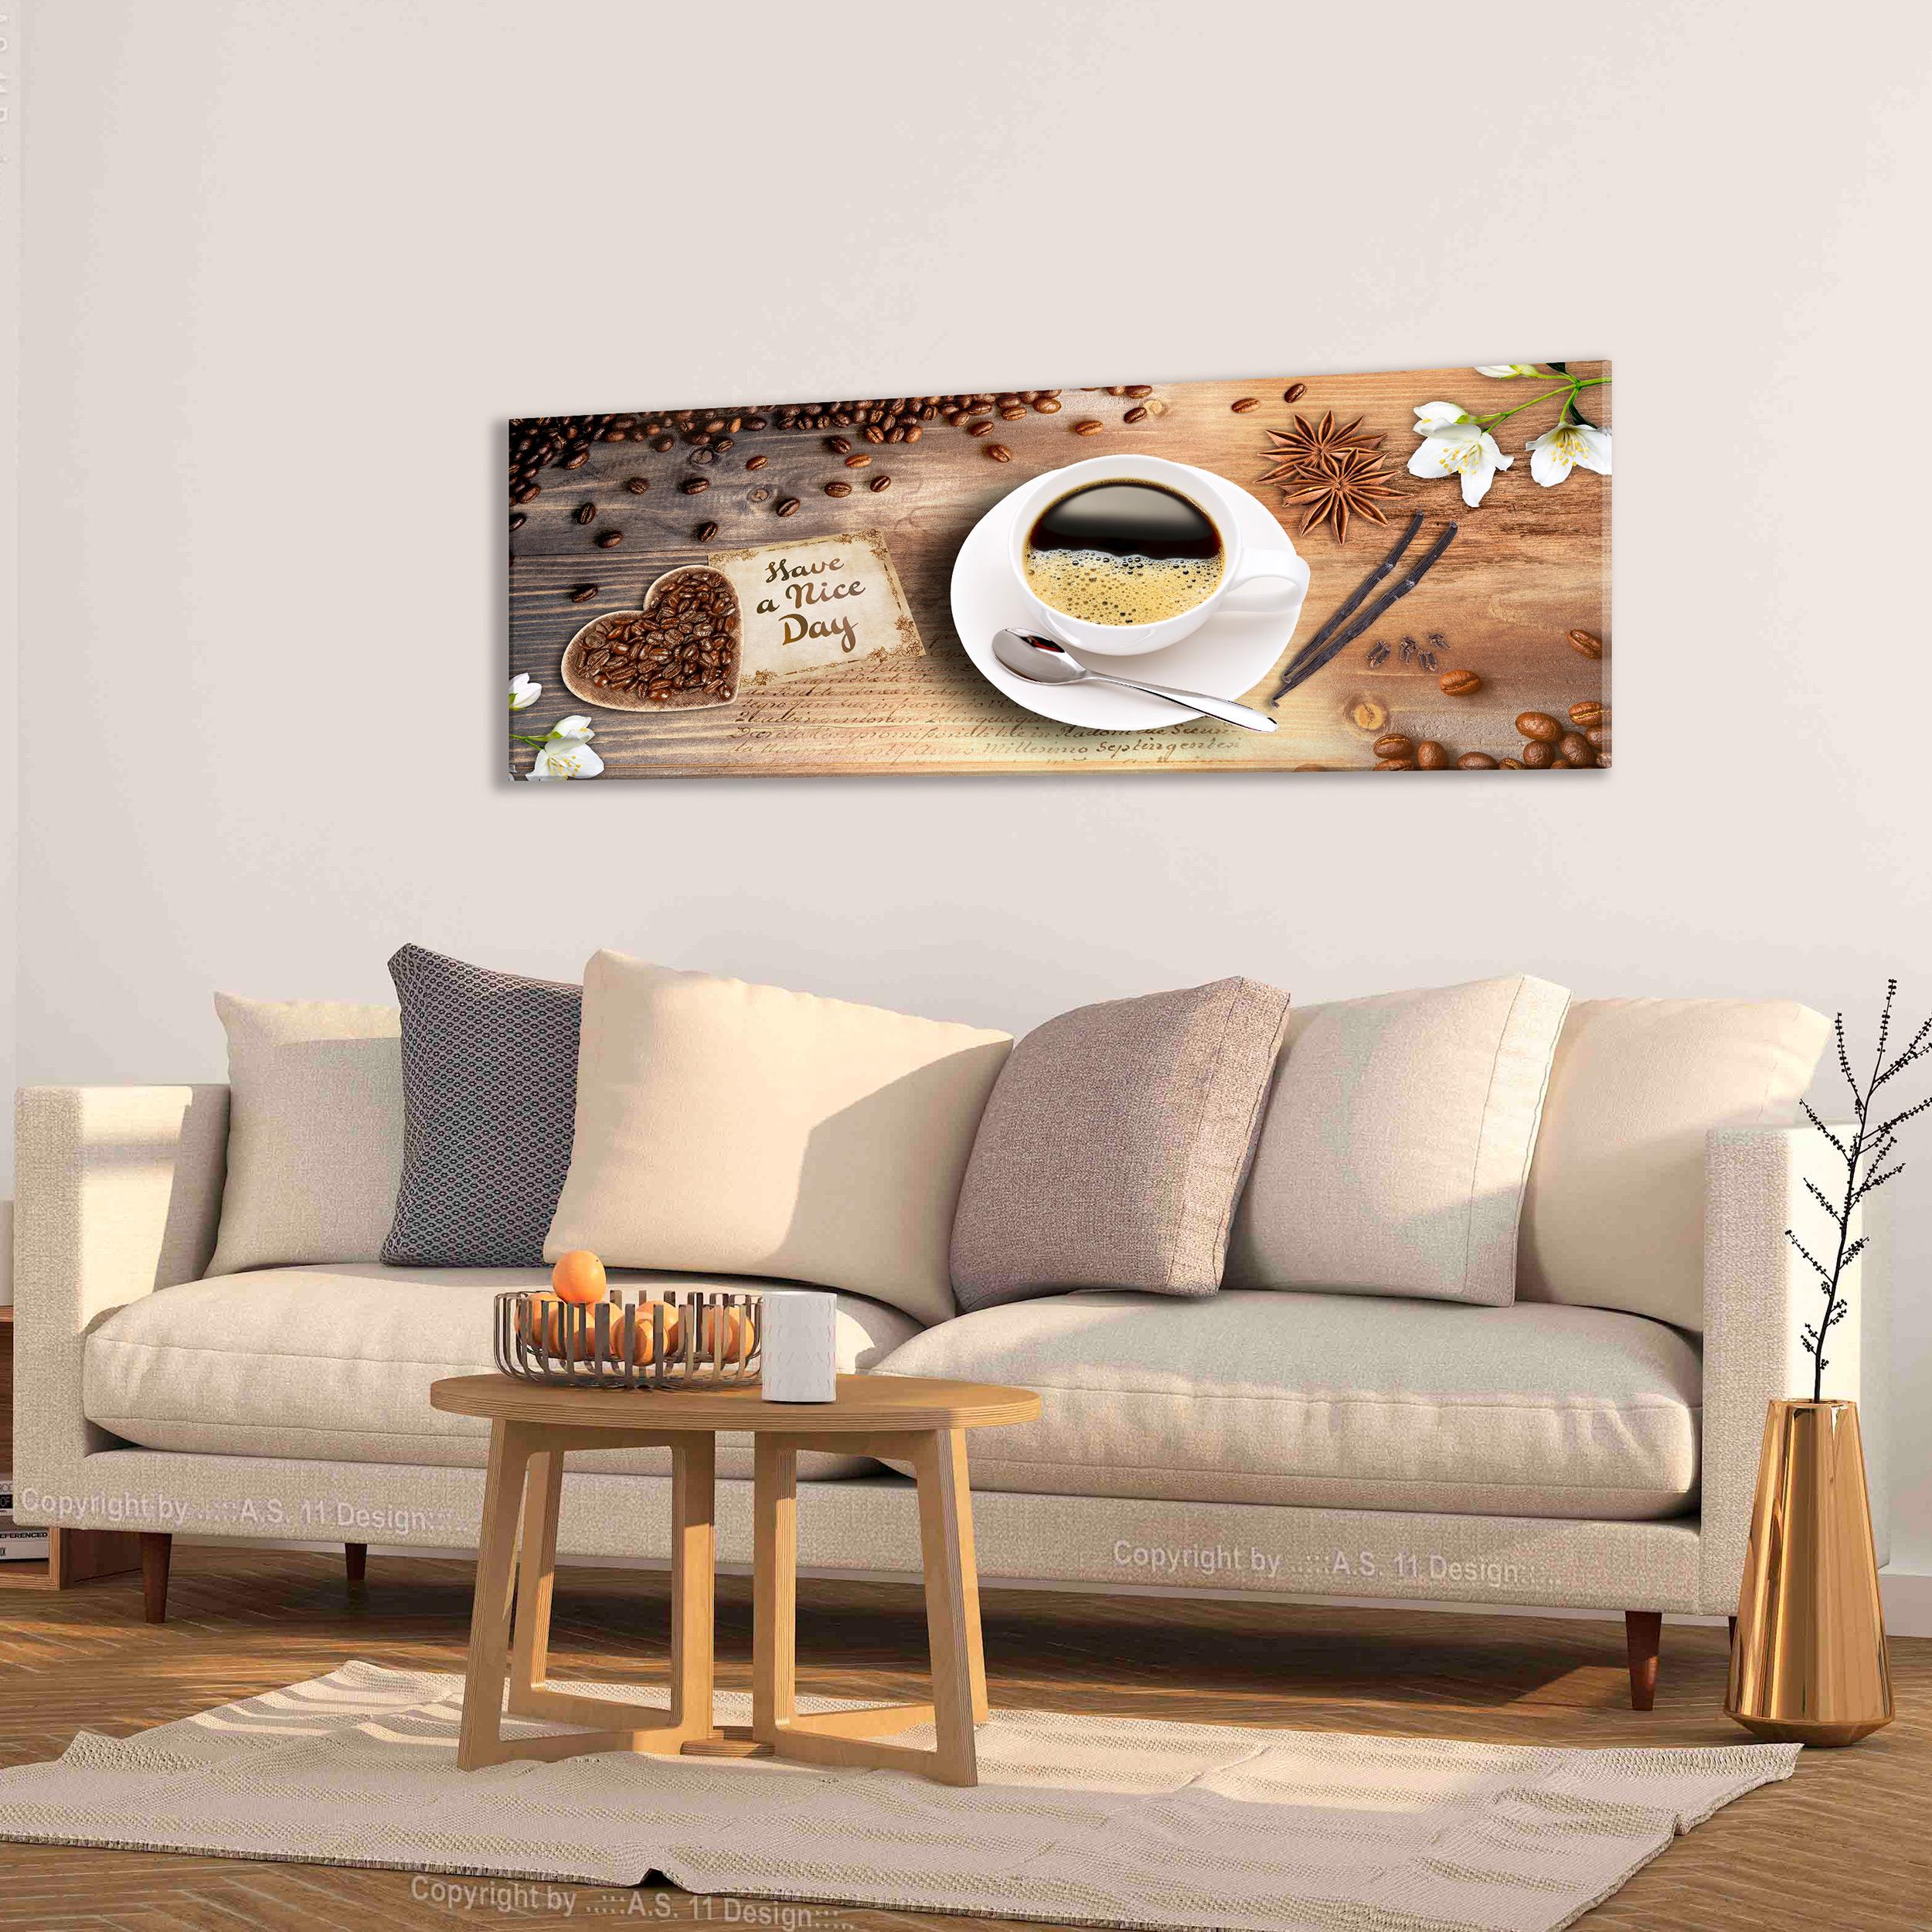 Details zu DEKO BILDER Küche Kaffee ESSZIMMER Wandbilder LEINWAND Caffe  Bild XXL KUNSTDRUCK